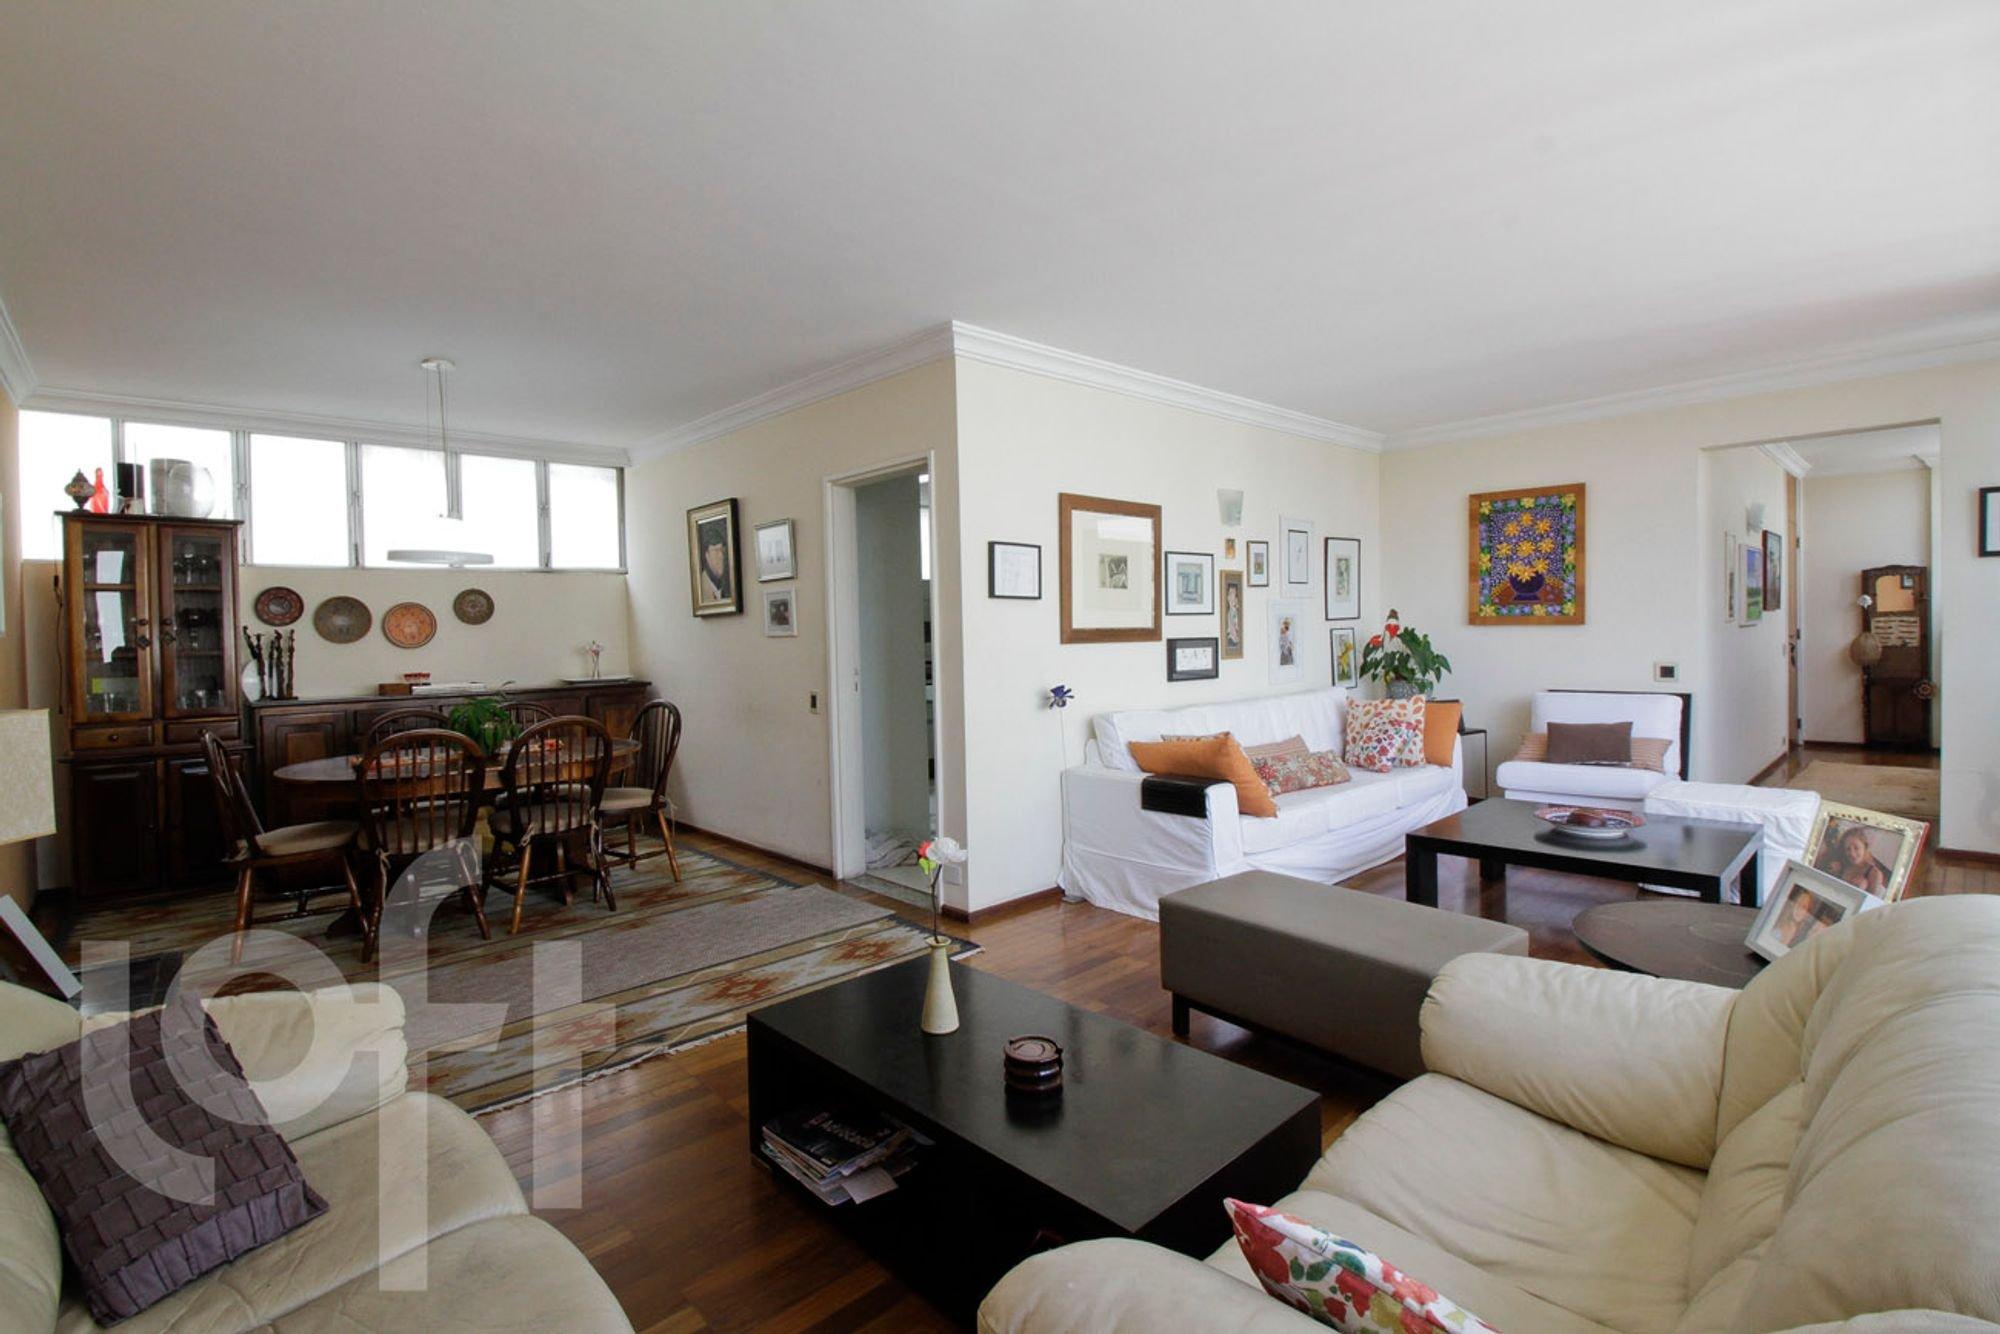 Foto de Sala com vaso de planta, sofá, cadeira, mesa de jantar, livro